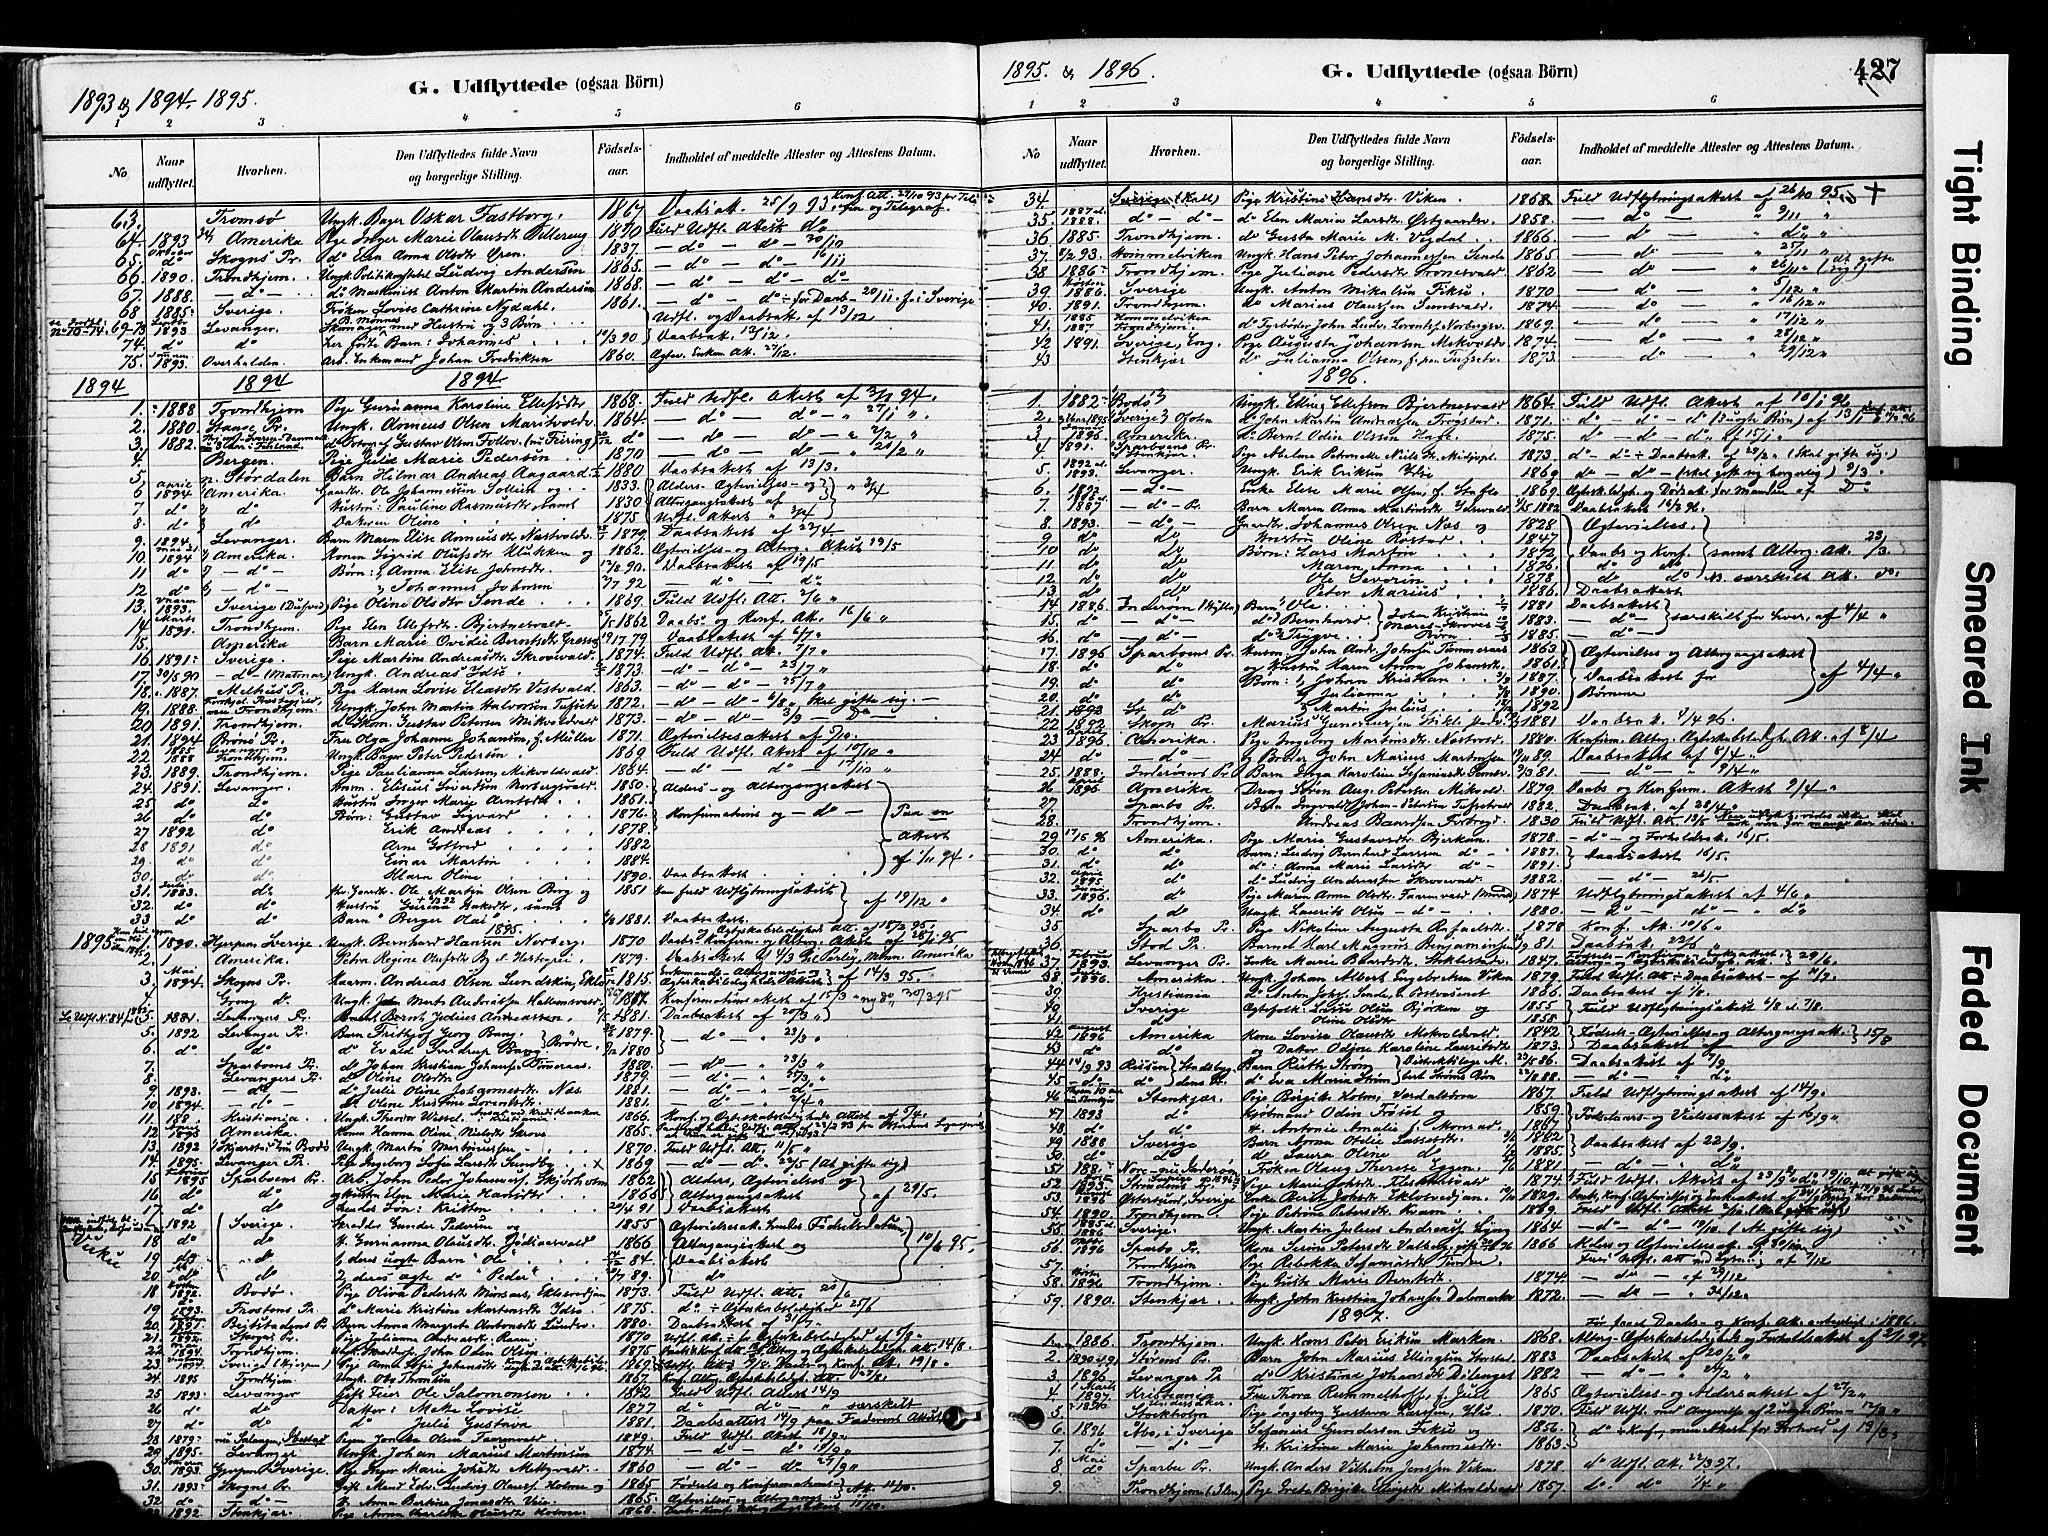 SAT, Ministerialprotokoller, klokkerbøker og fødselsregistre - Nord-Trøndelag, 723/L0244: Ministerialbok nr. 723A13, 1881-1899, s. 427